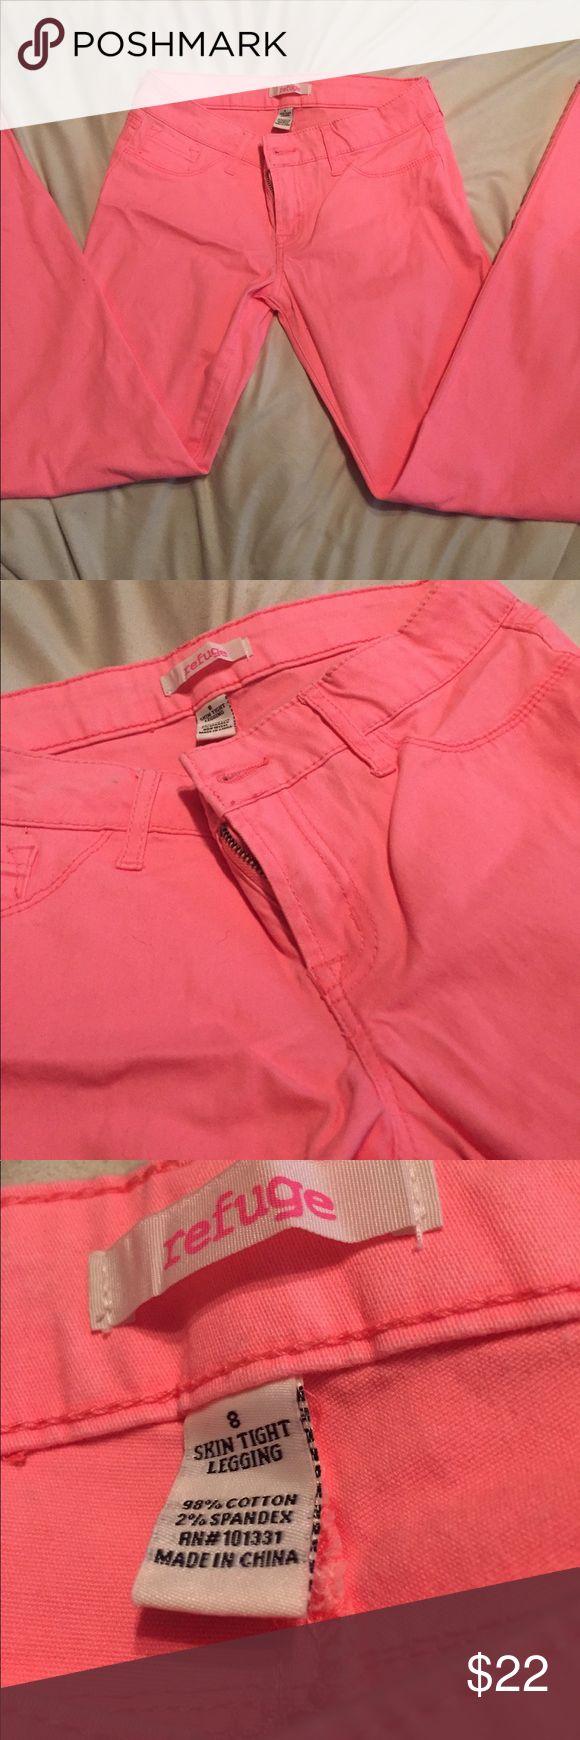 NWOT; Refuge skin tight legging jeans! Never been worn (wrinkles from storage). Vibrant colored refuge legging pants, Size 8! Make me an offer 🖤 refuge Jeans Skinny